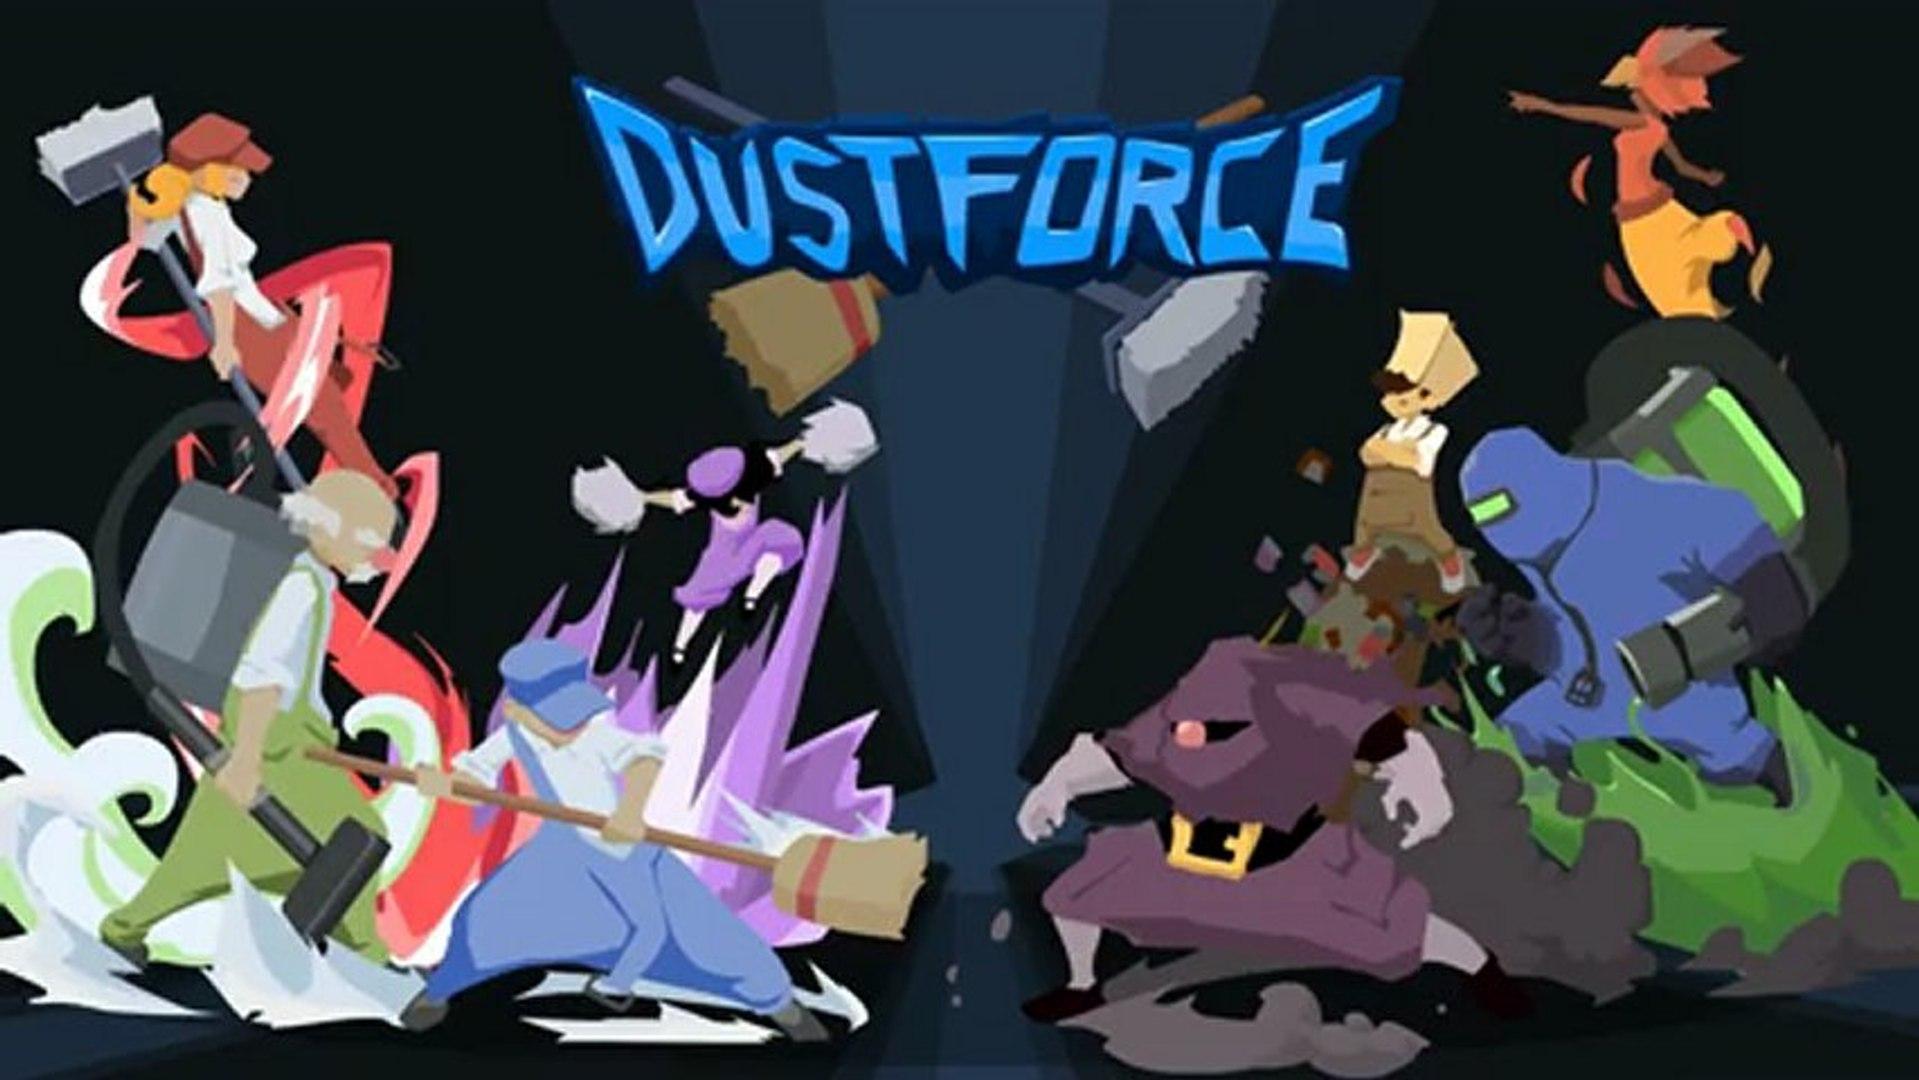 Dustforce - Gameplay #2 : gameplay Summit